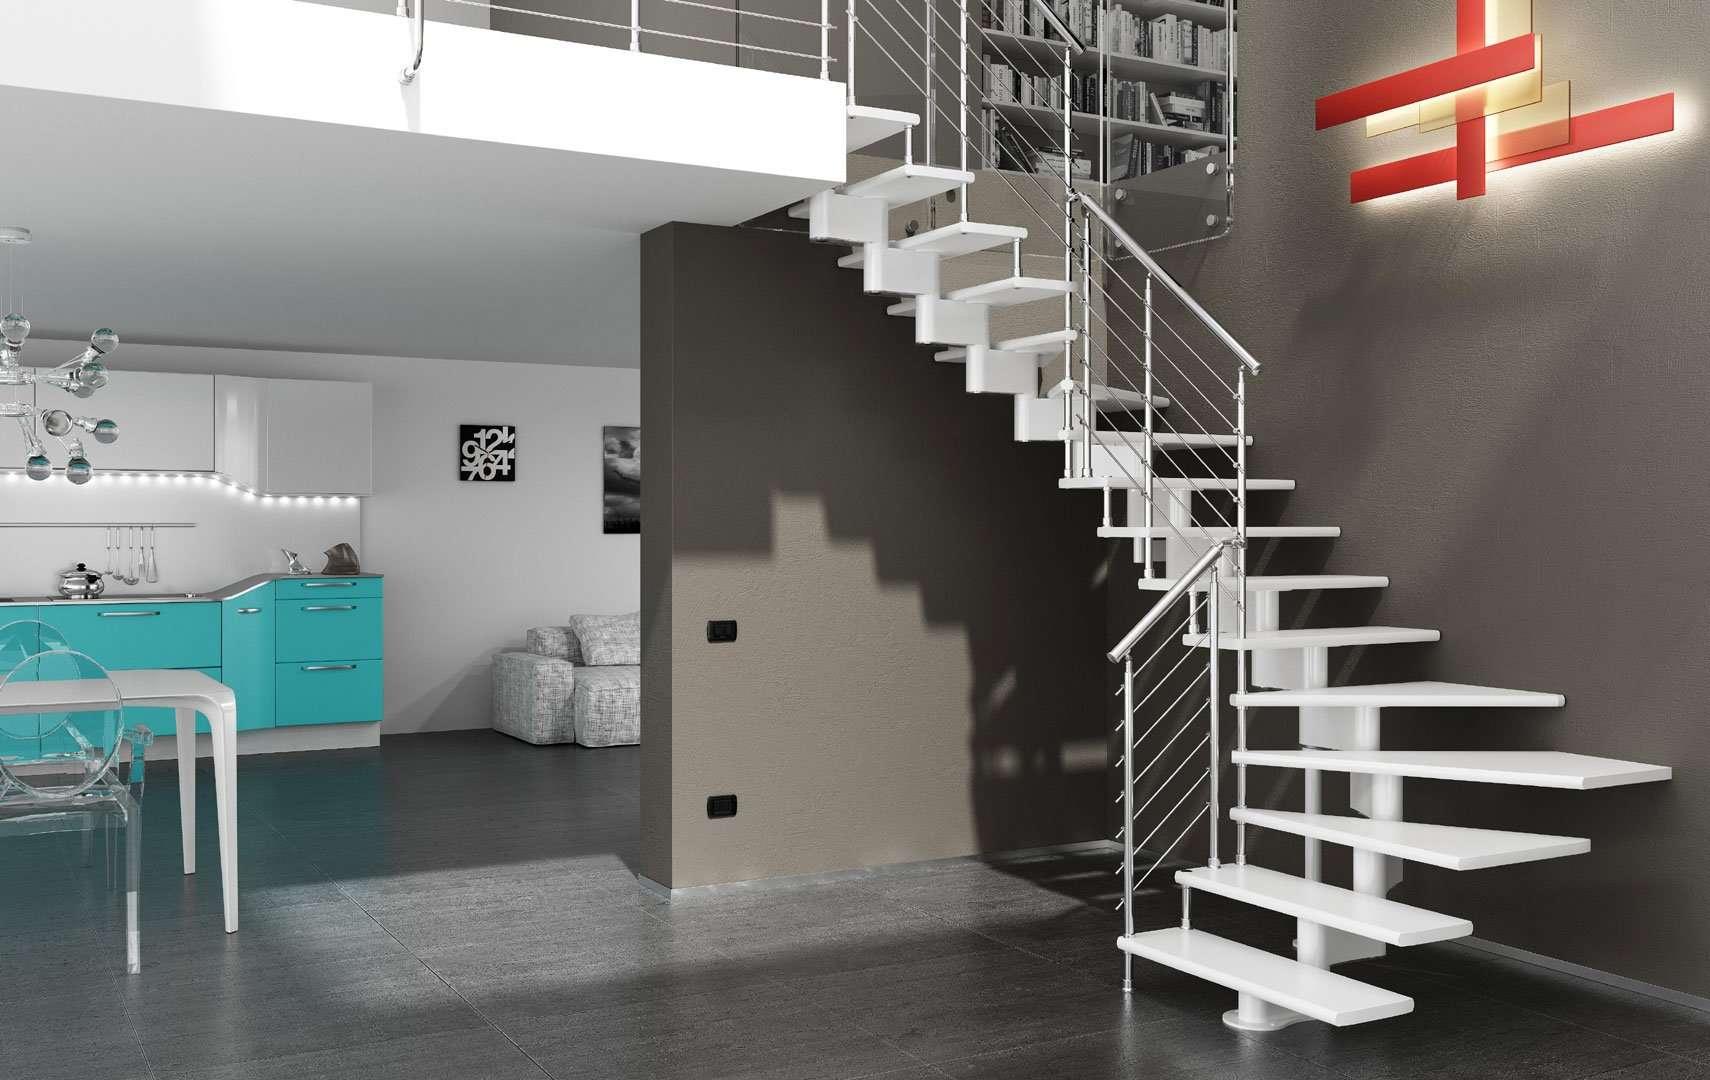 Popolare ᐅ Scale per interni, scale in legno per gli interni di casa tua  BI75